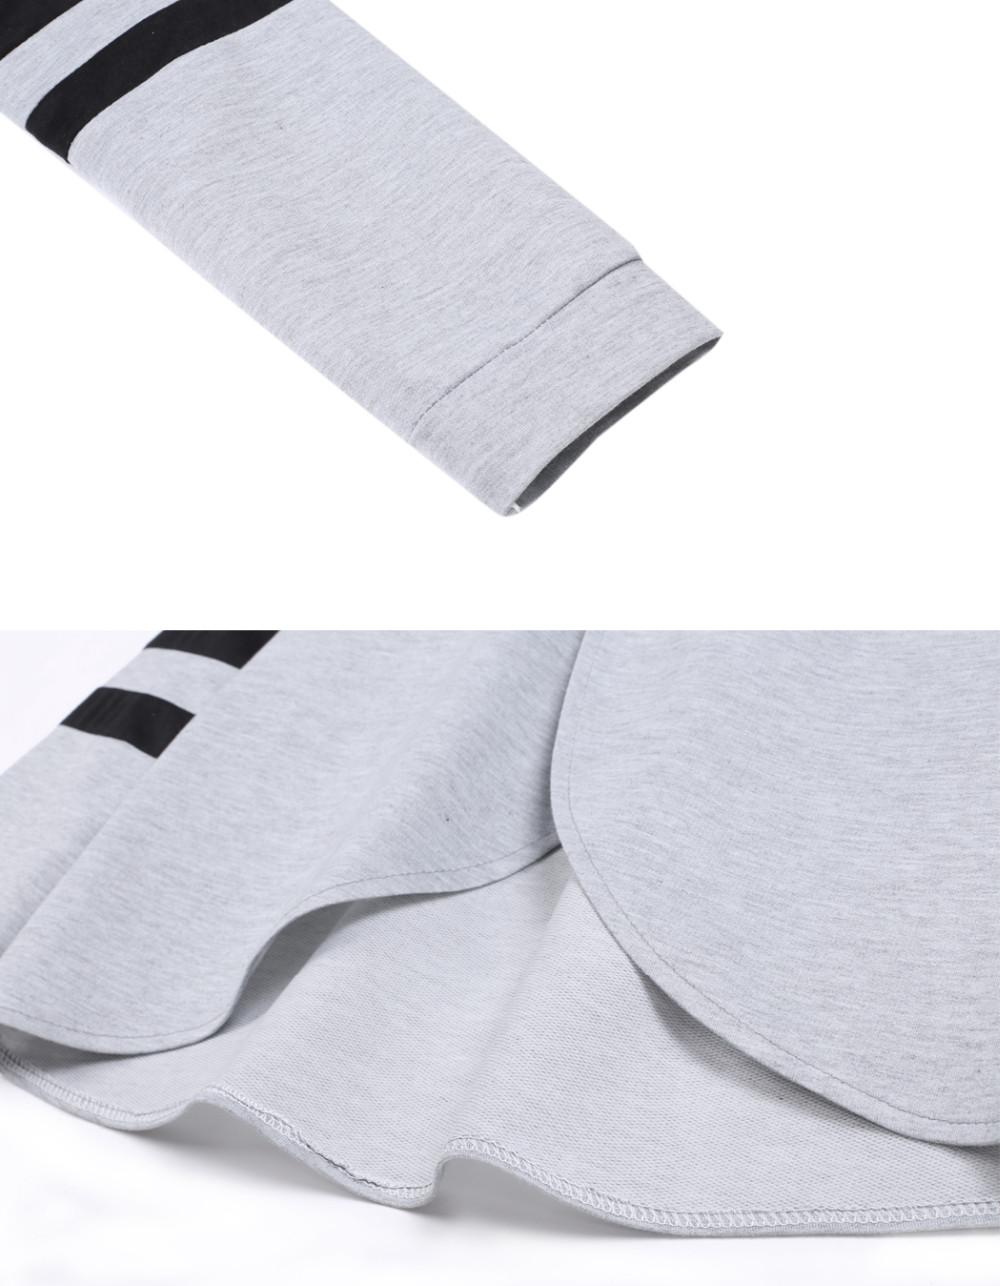 2015-Fashion-Zipper-Split-Hooded-Tops-Pants-Suit-Women-Casual-Sport-Suit-O-Neck-Tracksuit-2 (3)